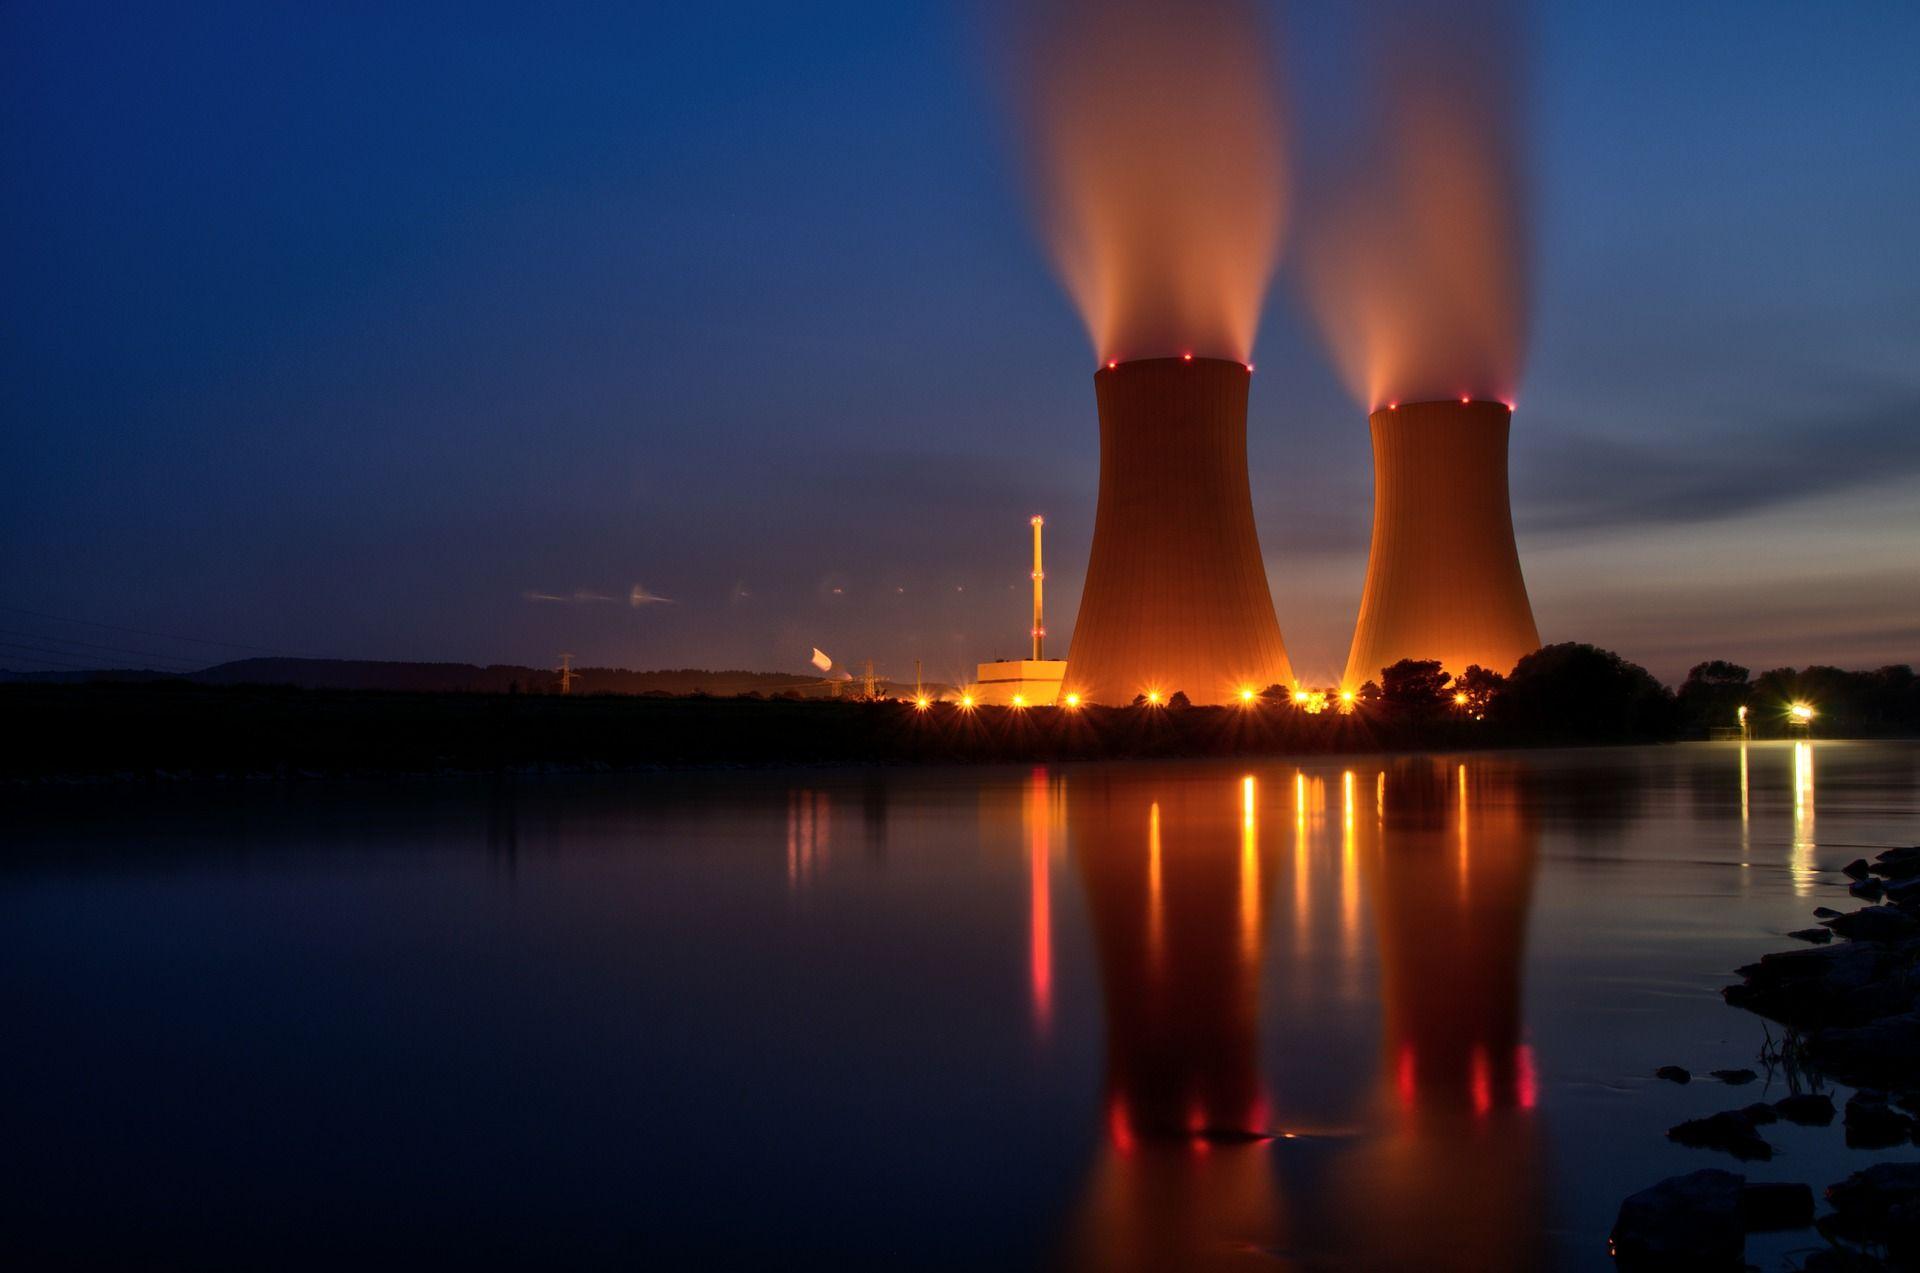 Energieverbrauch erlebt historischen Einbruch